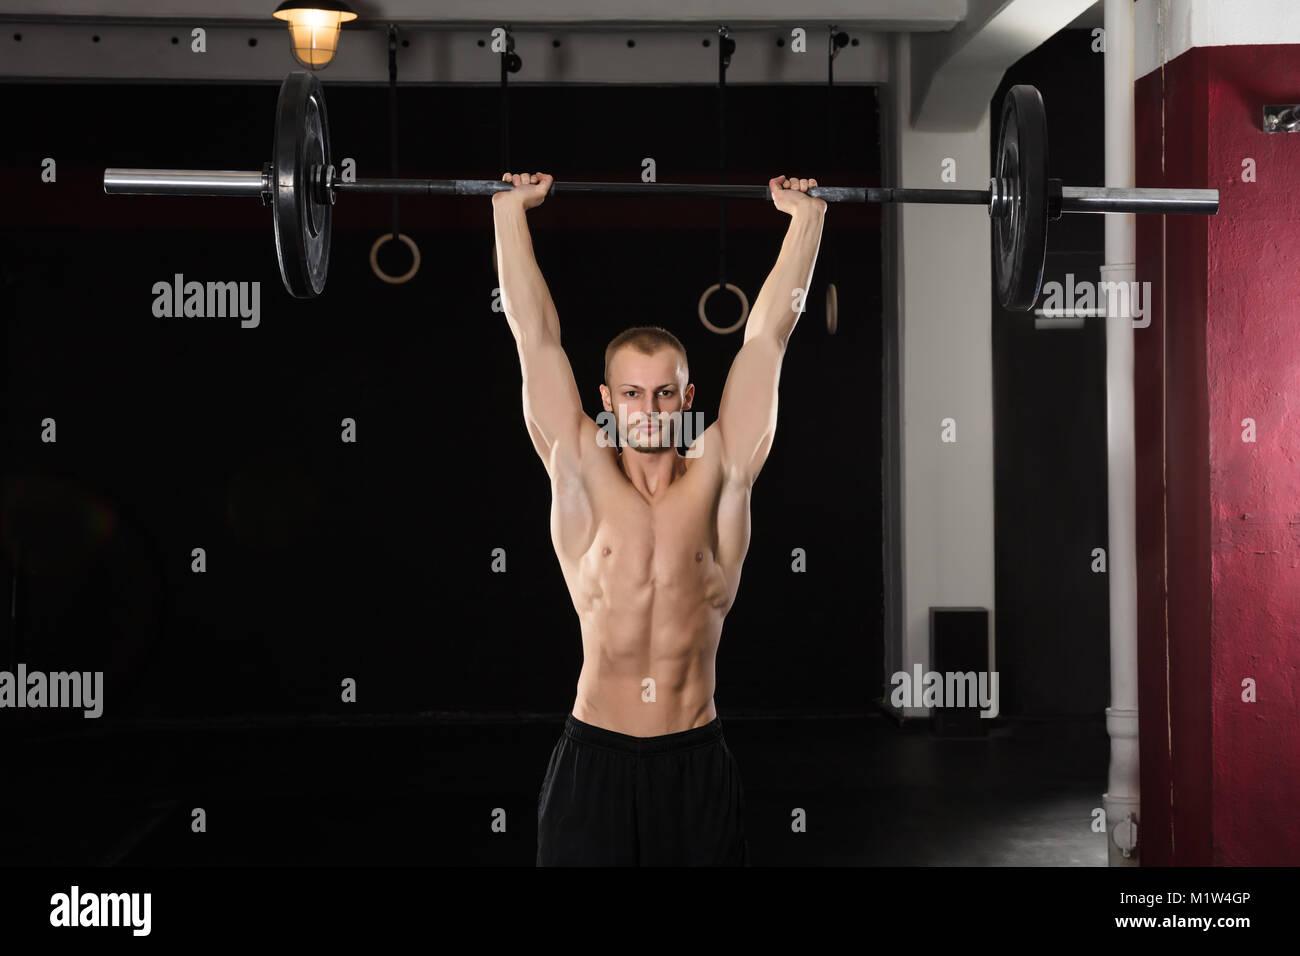 Retrato de un joven atleta hombre levantando Barbell En el gimnasio. Foto de stock